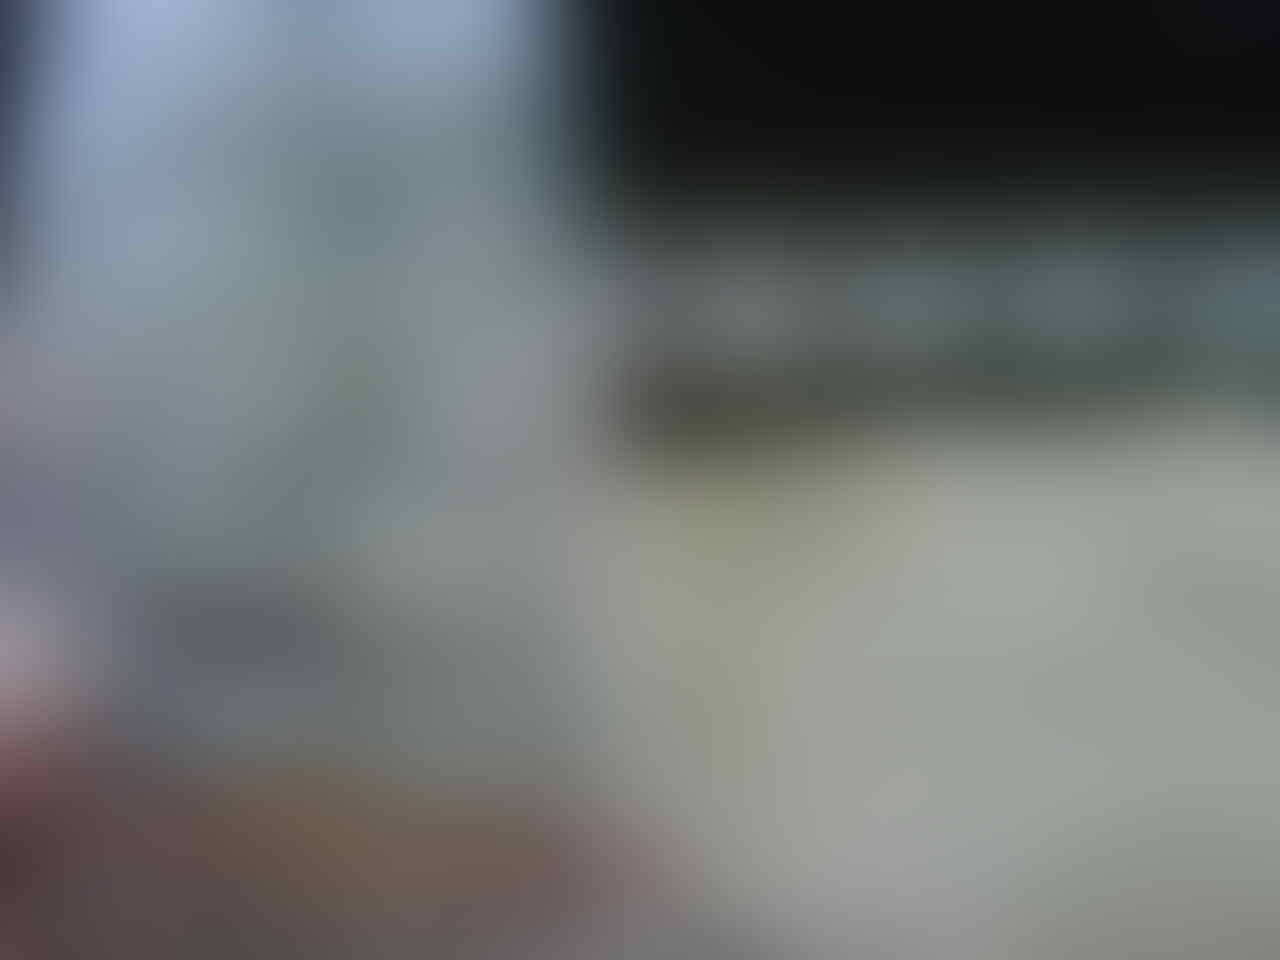 Jual Bohlam LED Sein u/ mobil 45 SMD 3528, warna kuning-oren-orange!!